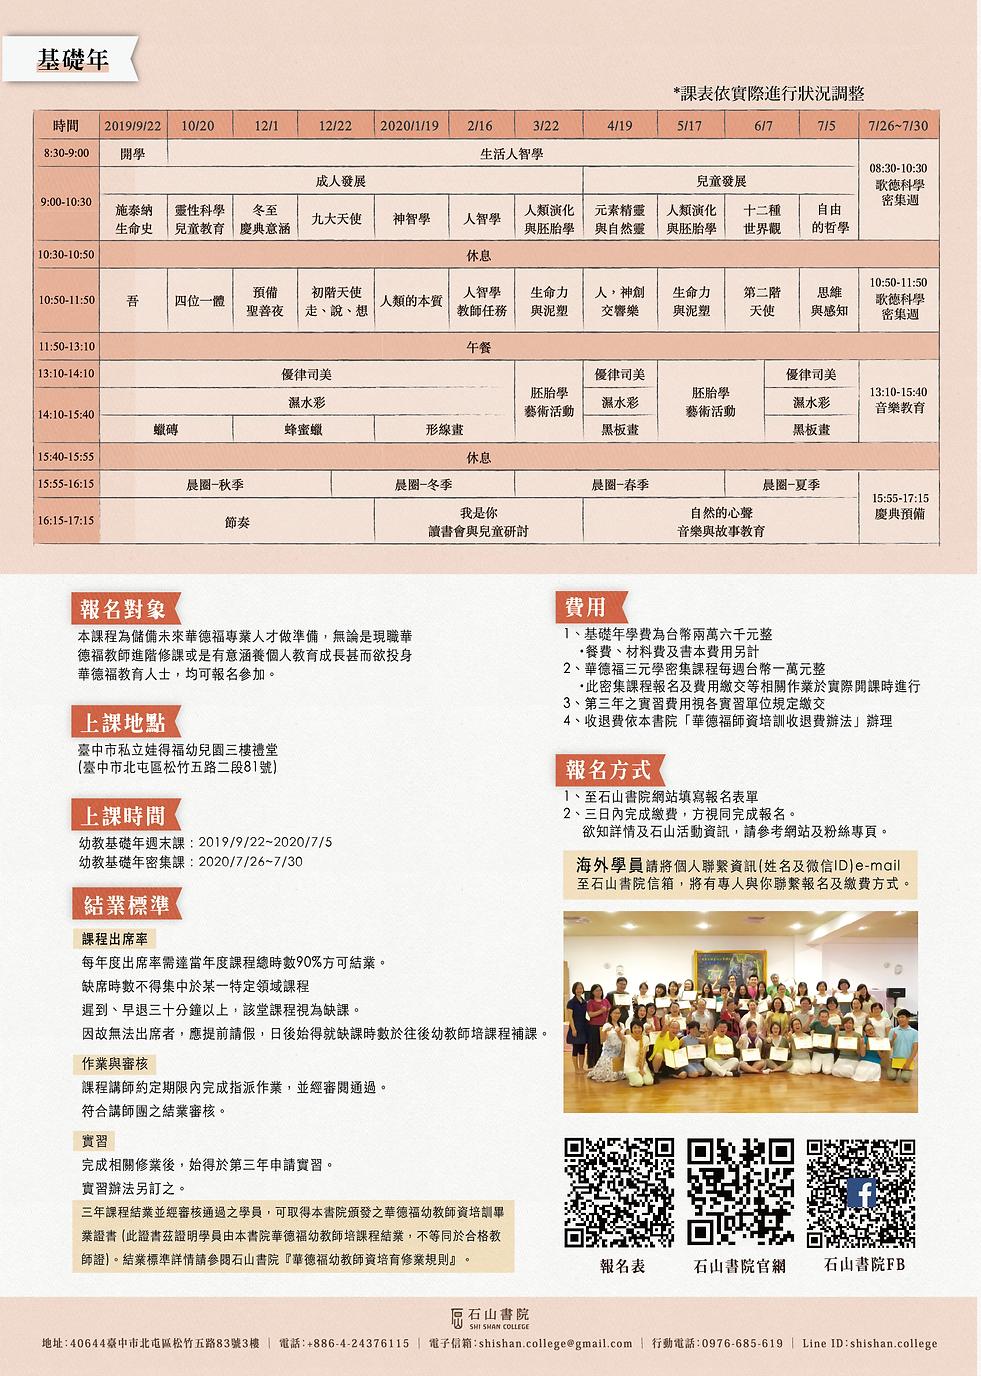 第三屆幼教師培_2019-2020-02.png